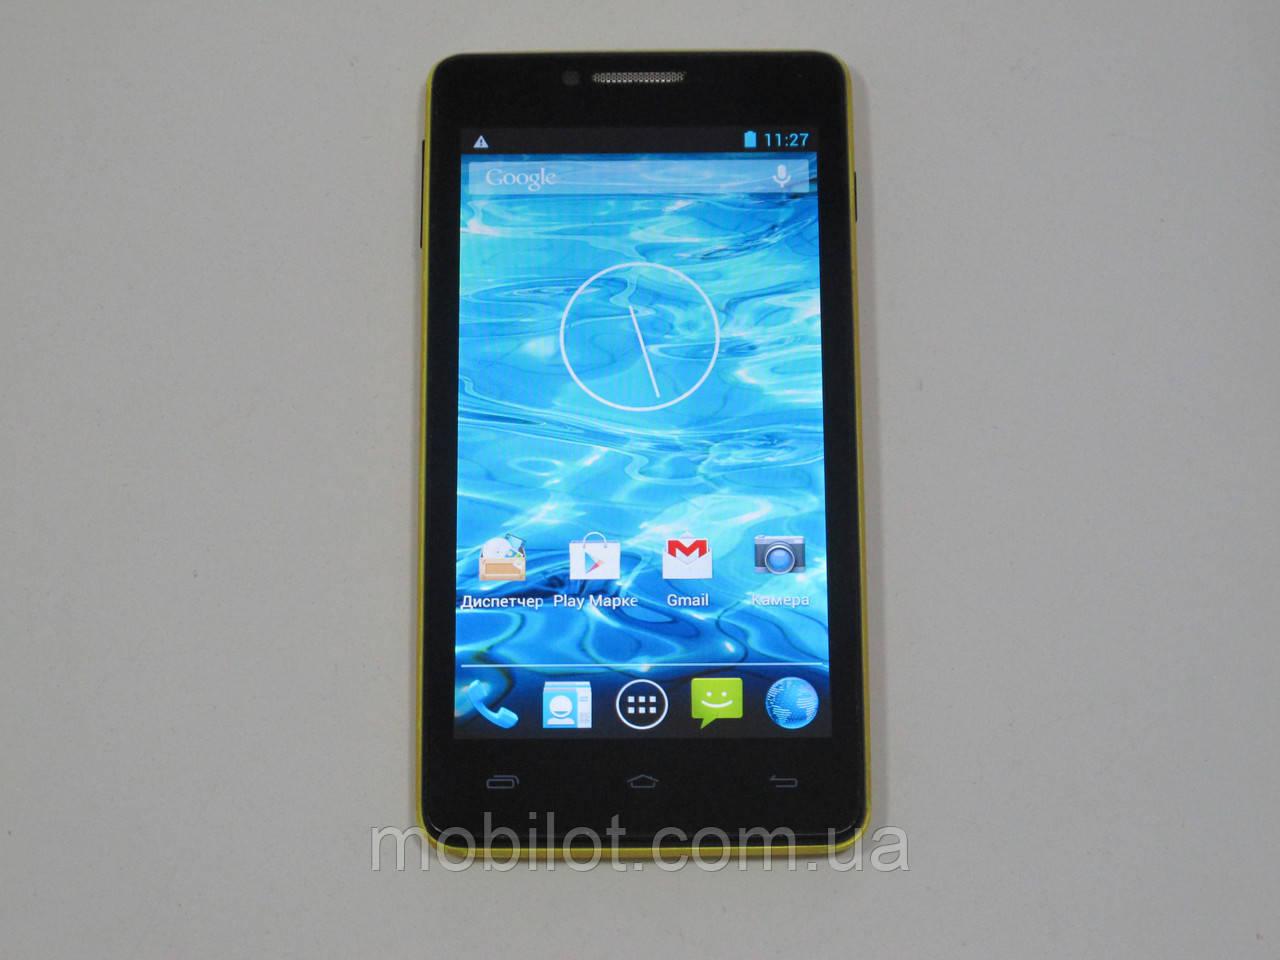 Мобильный телефон Prestigio MultiPhone 5500 (TZ-4759)